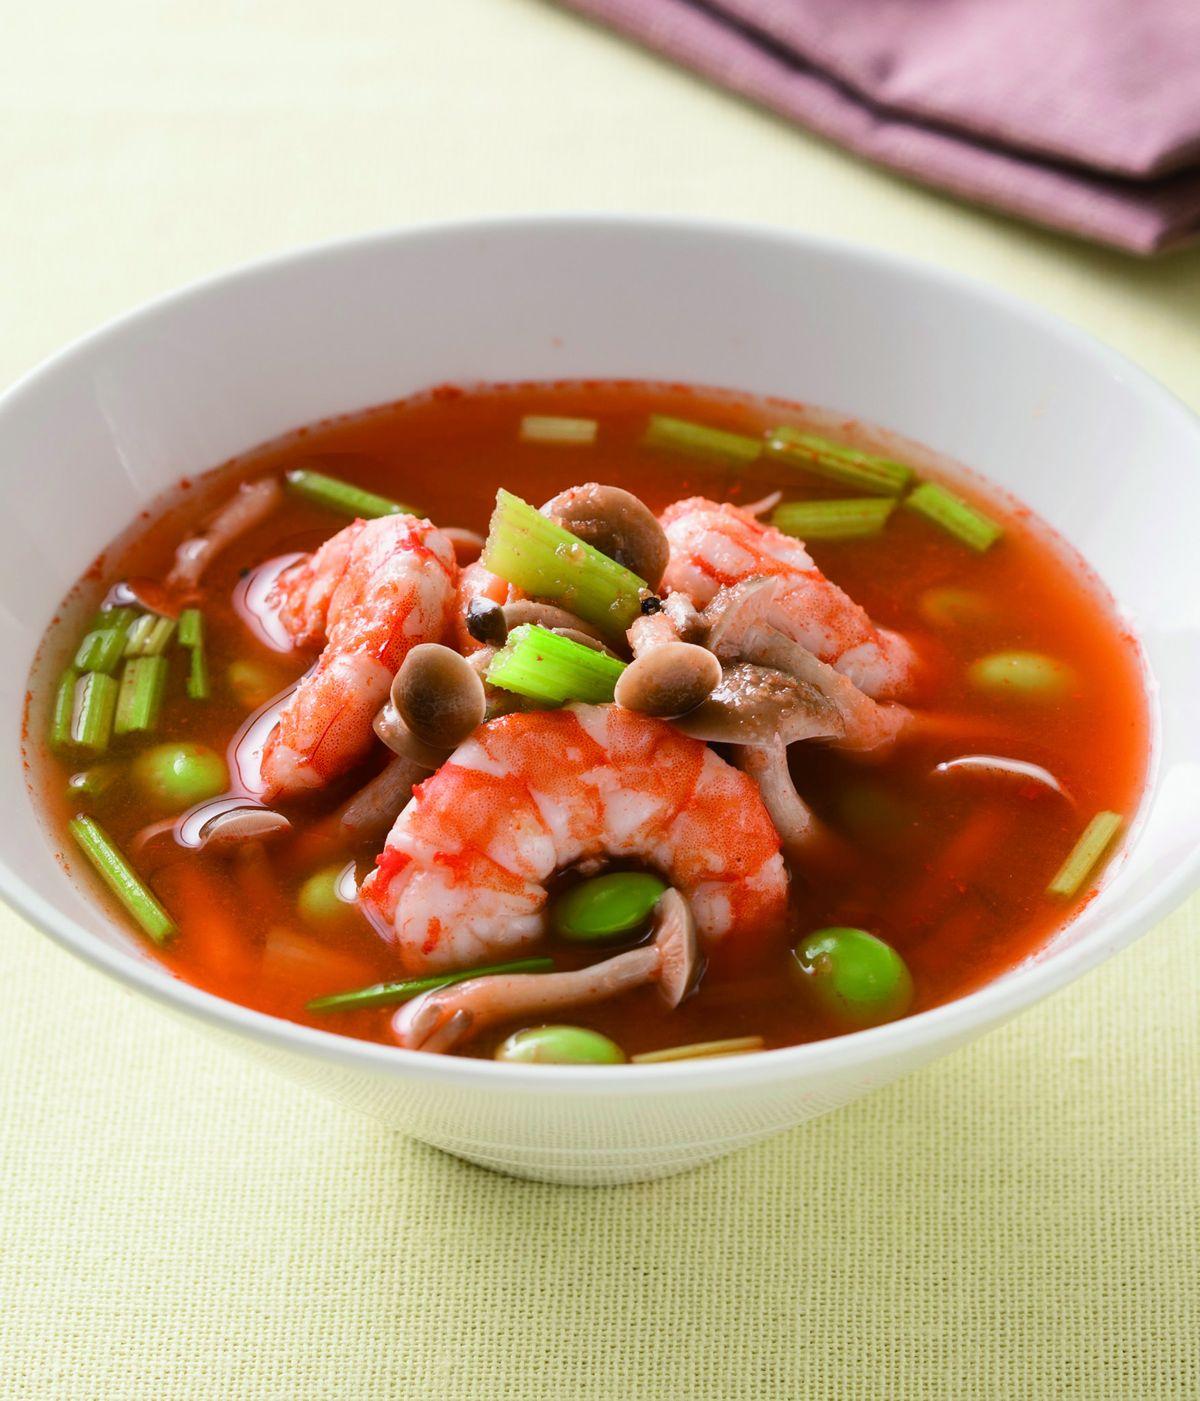 食譜:紅蘿蔔鮮蝦芹菜湯